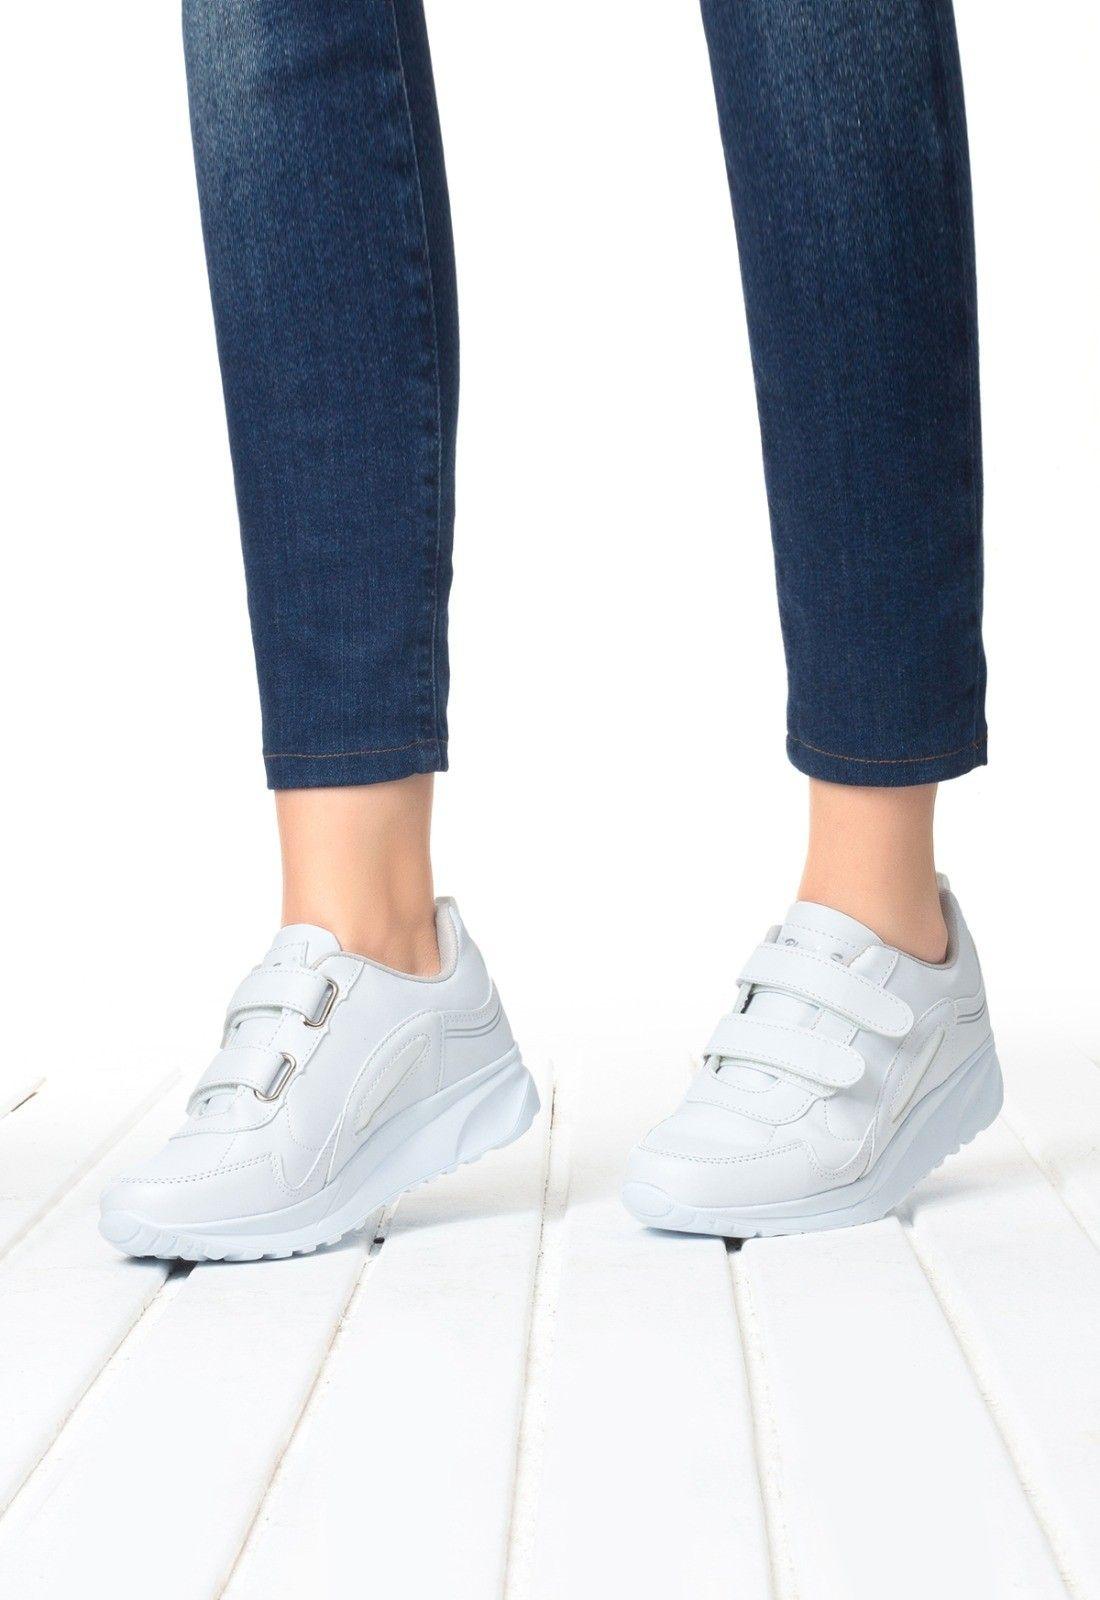 Indirimli Ayakkabi Adli Kullanicinin Shoes Panosundaki Pin Ayakkabilar Ayakkabilar Spor